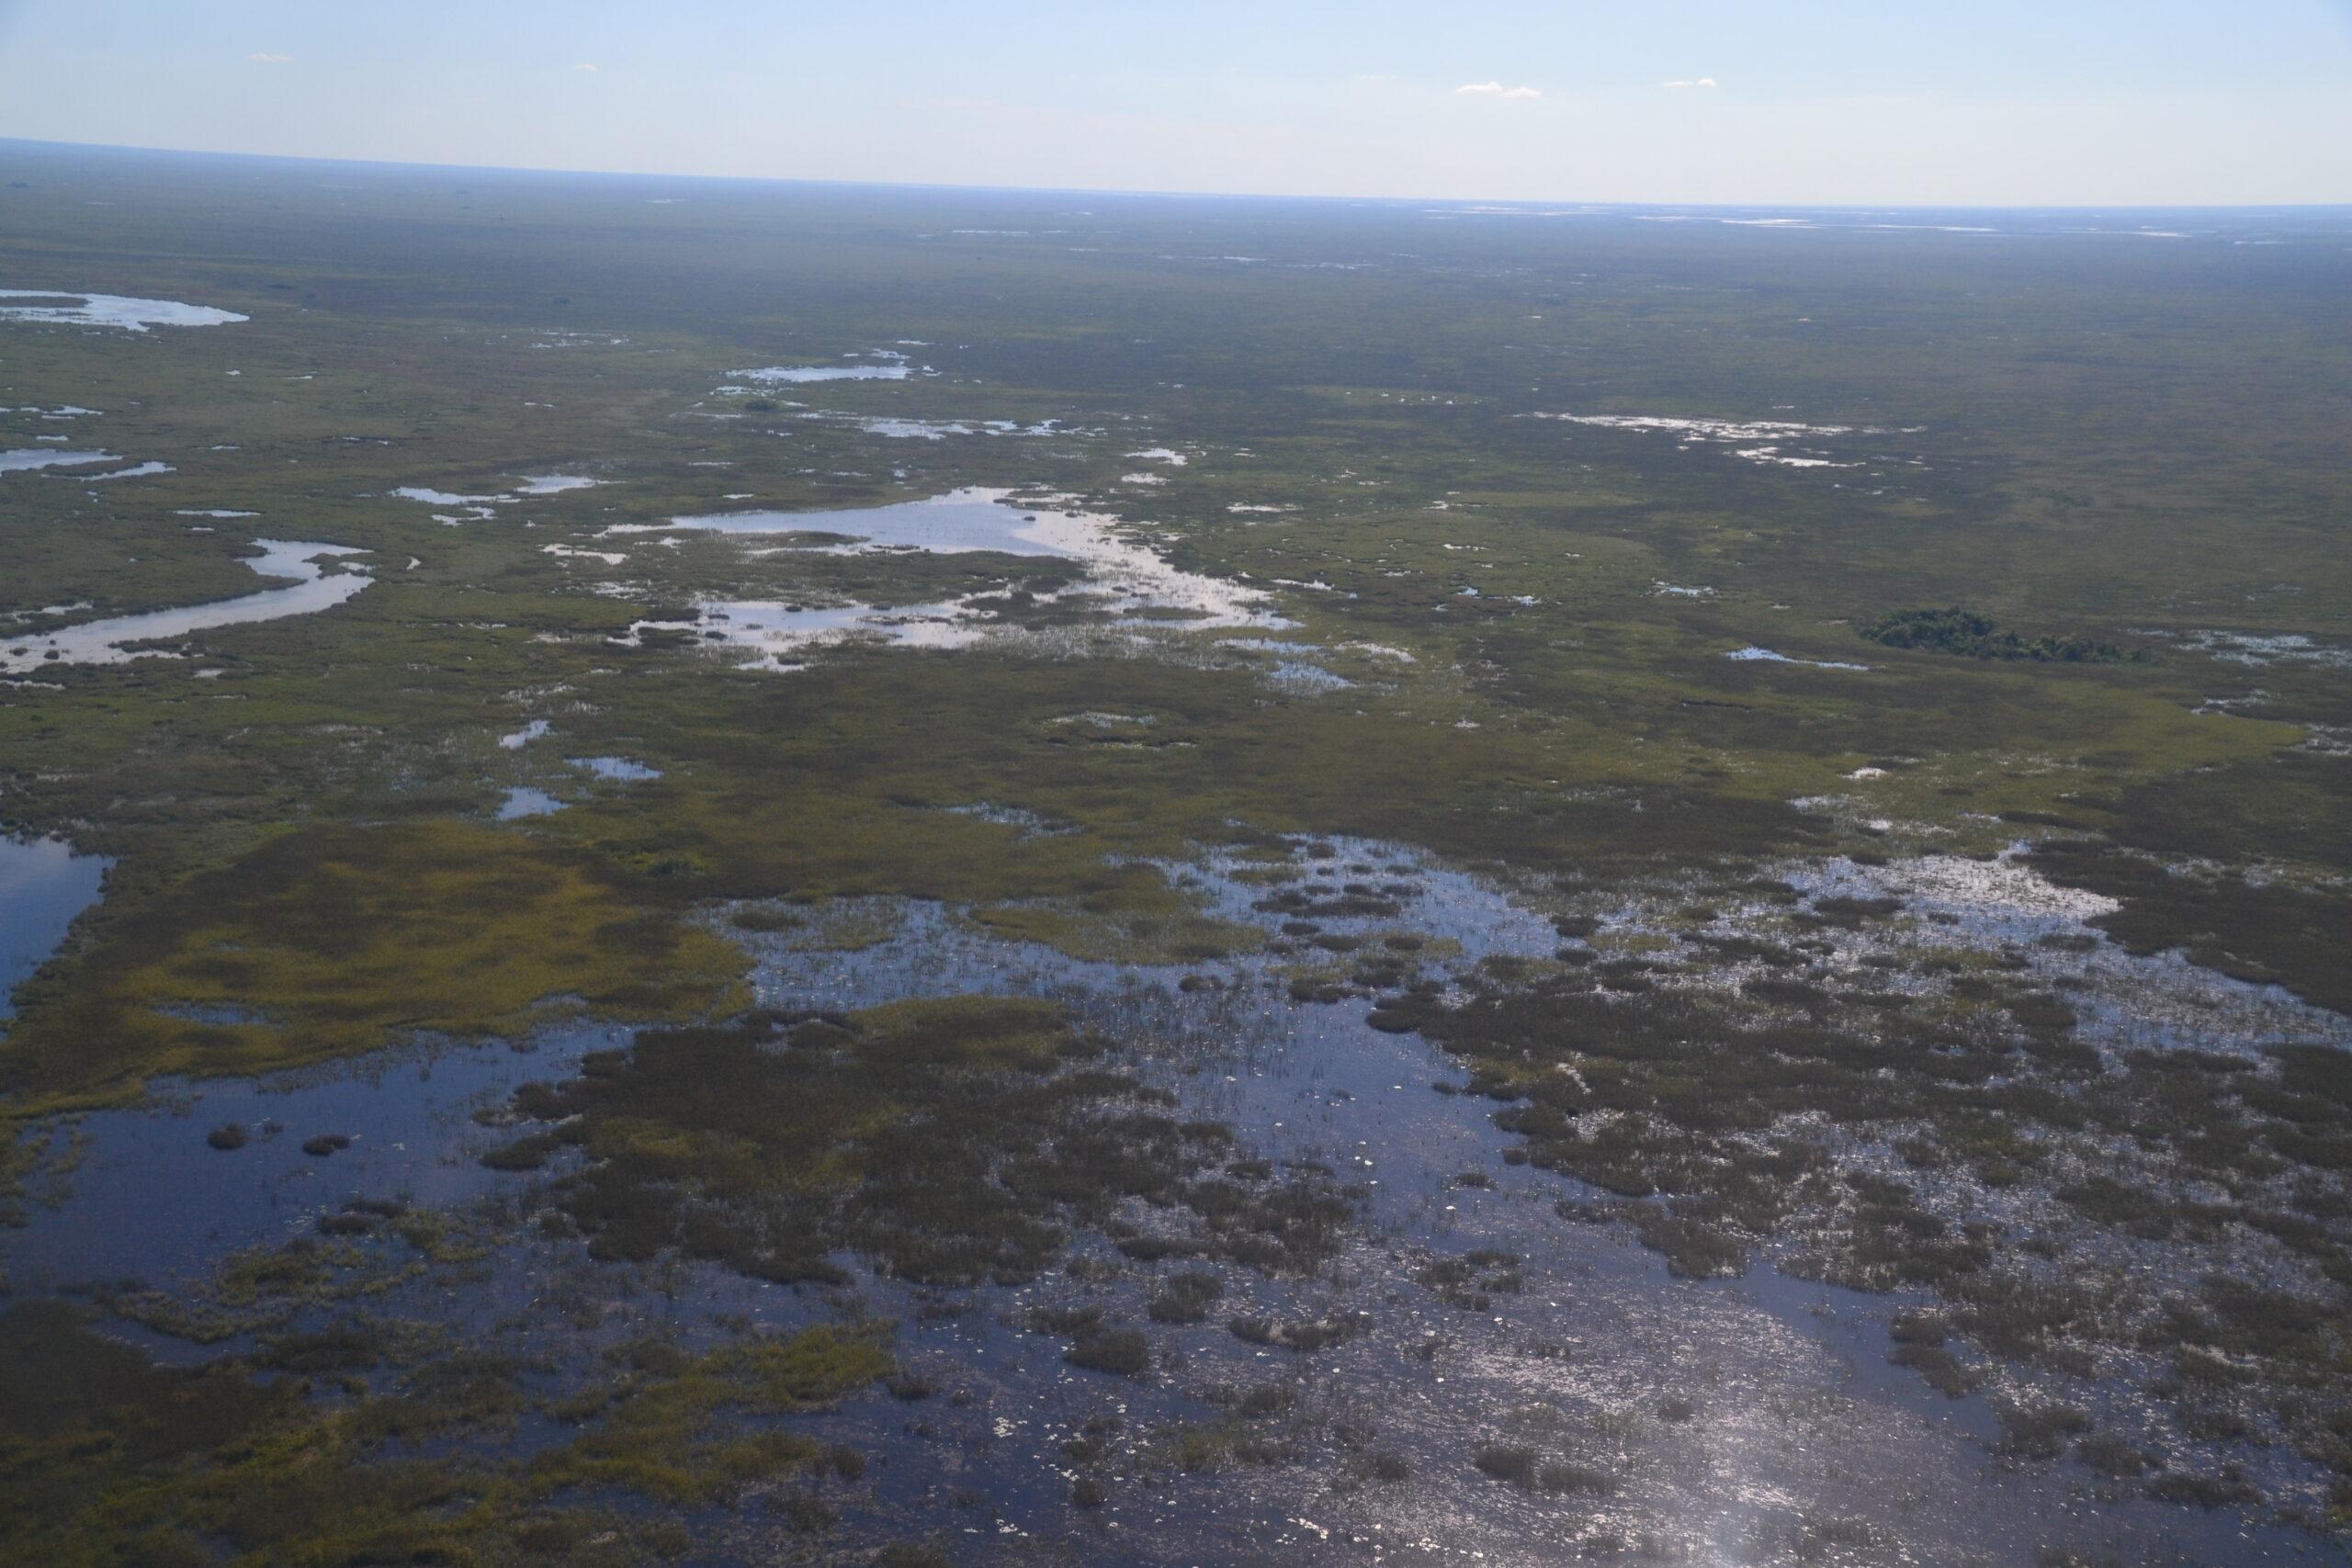 Esteros del Iberá: viaje por el humedal más grande de Argentina